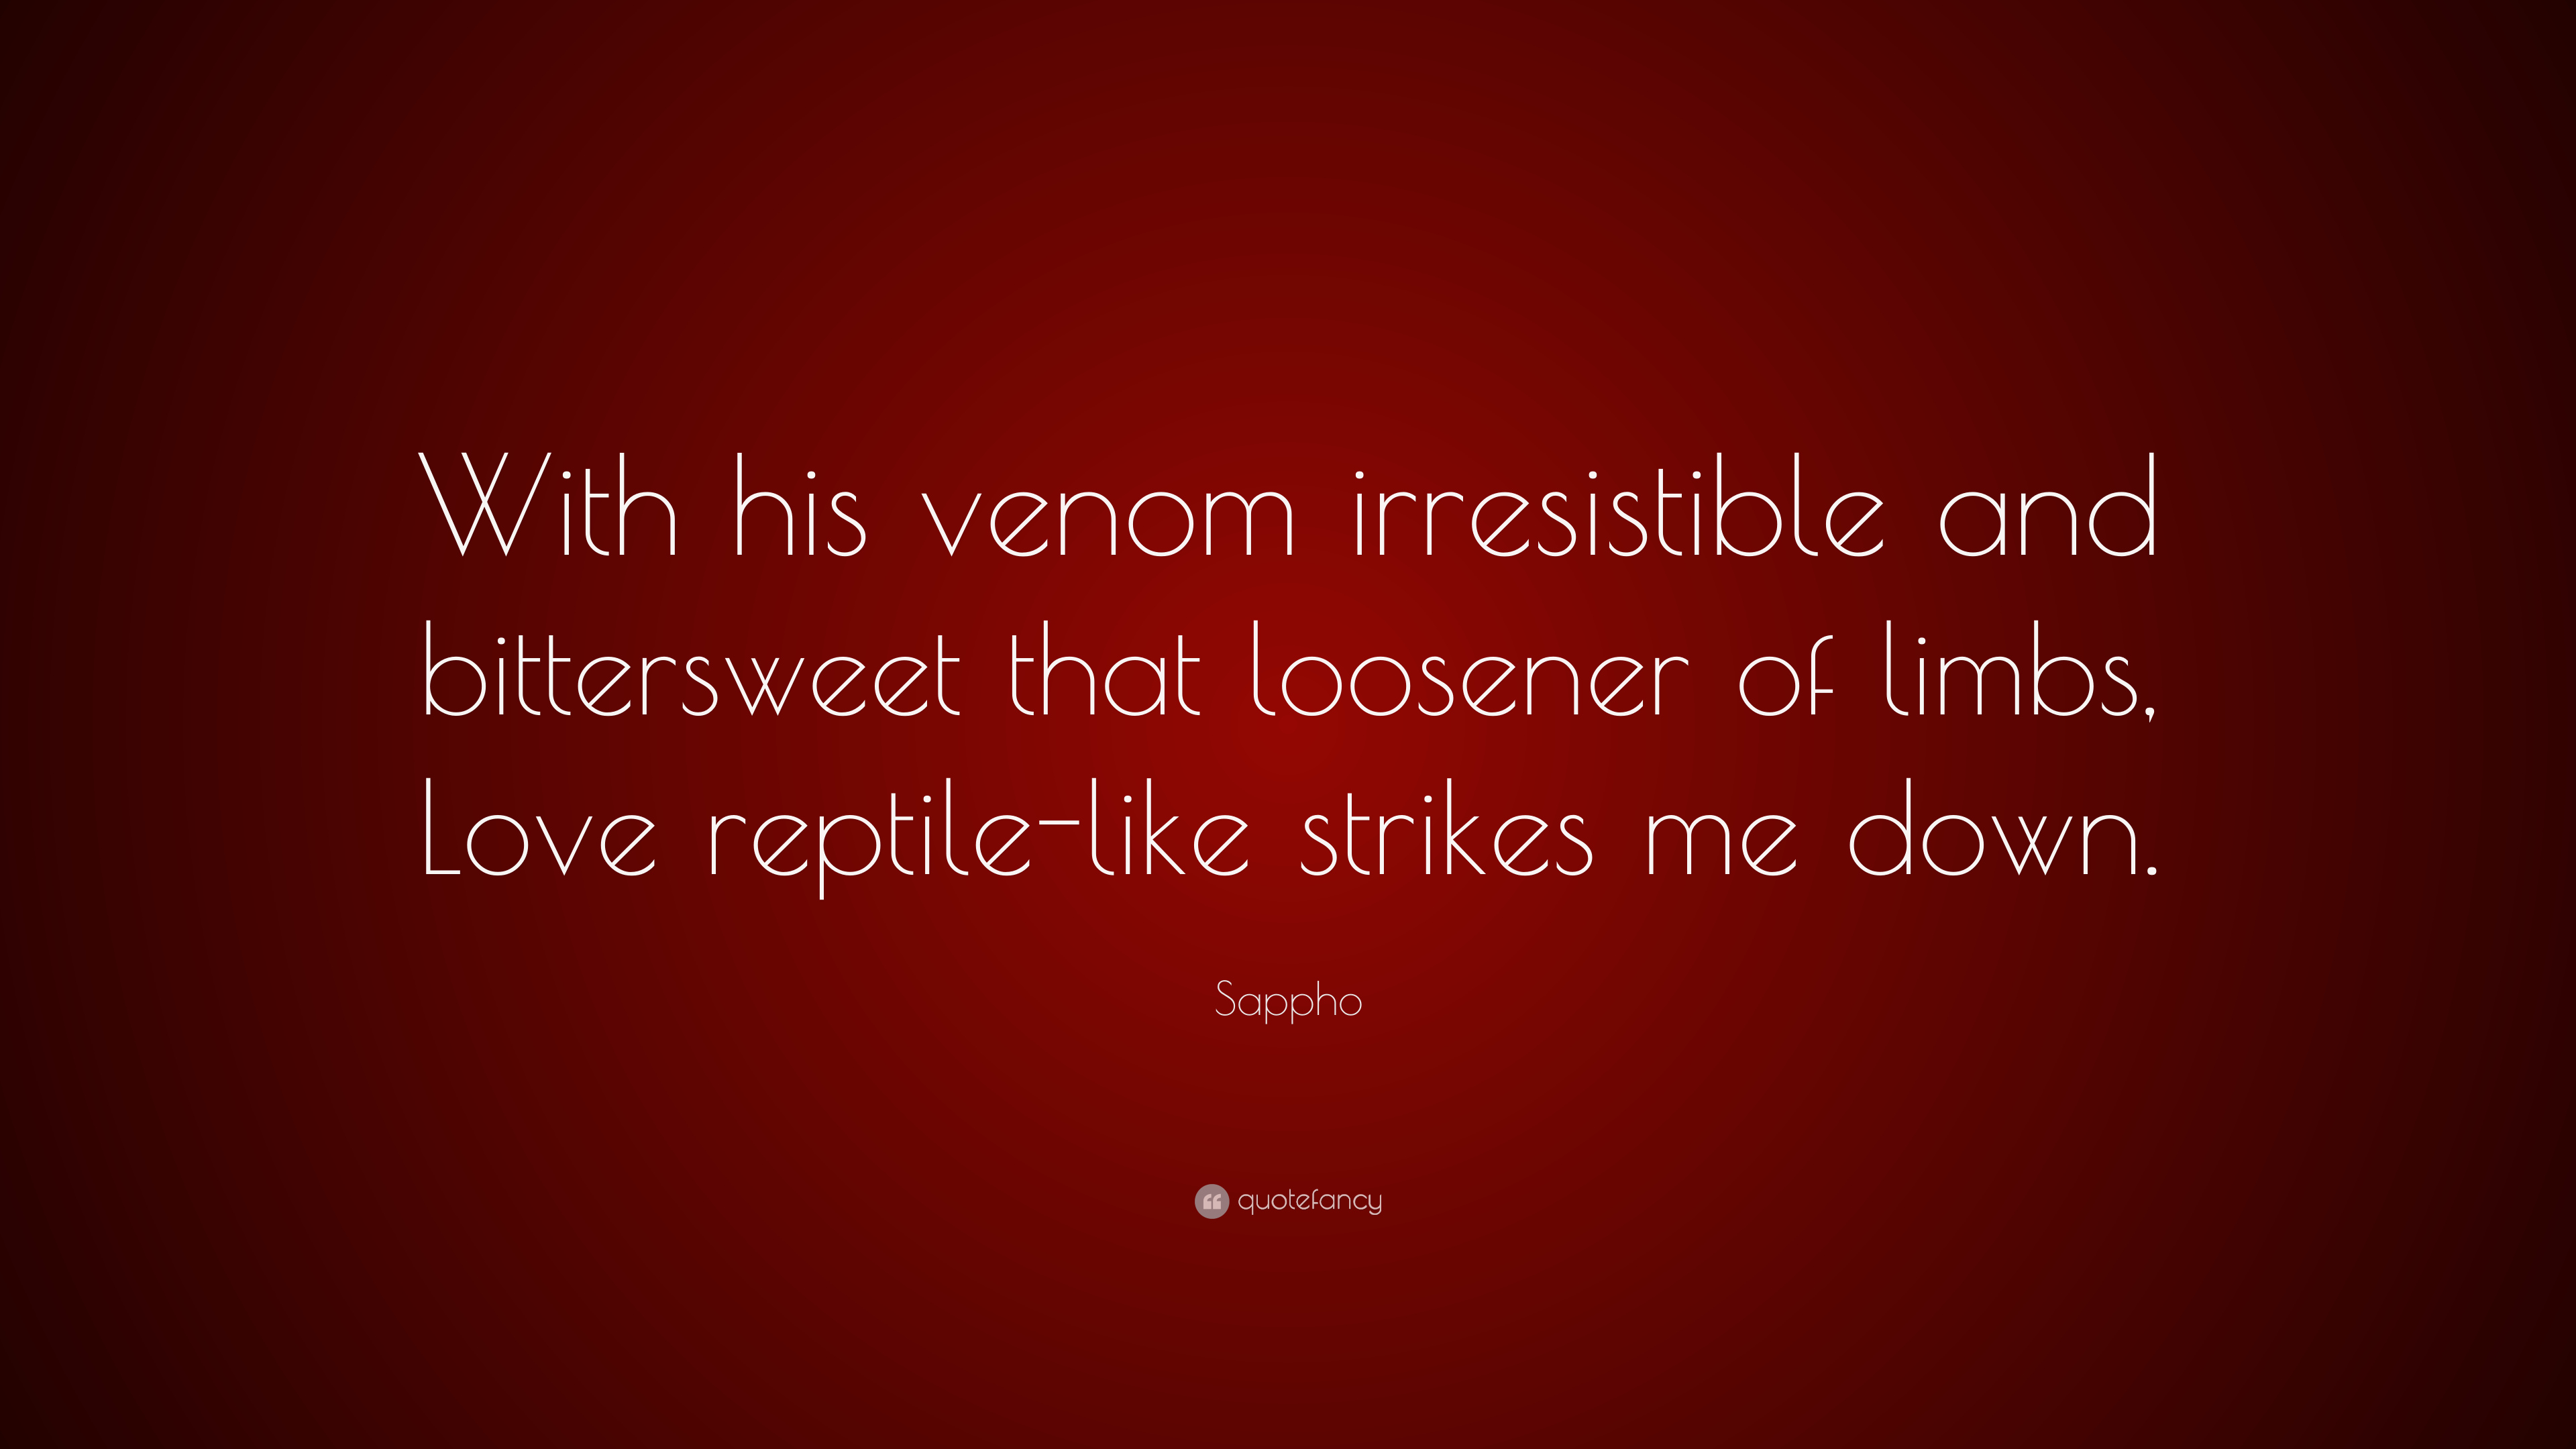 With his venom sappho